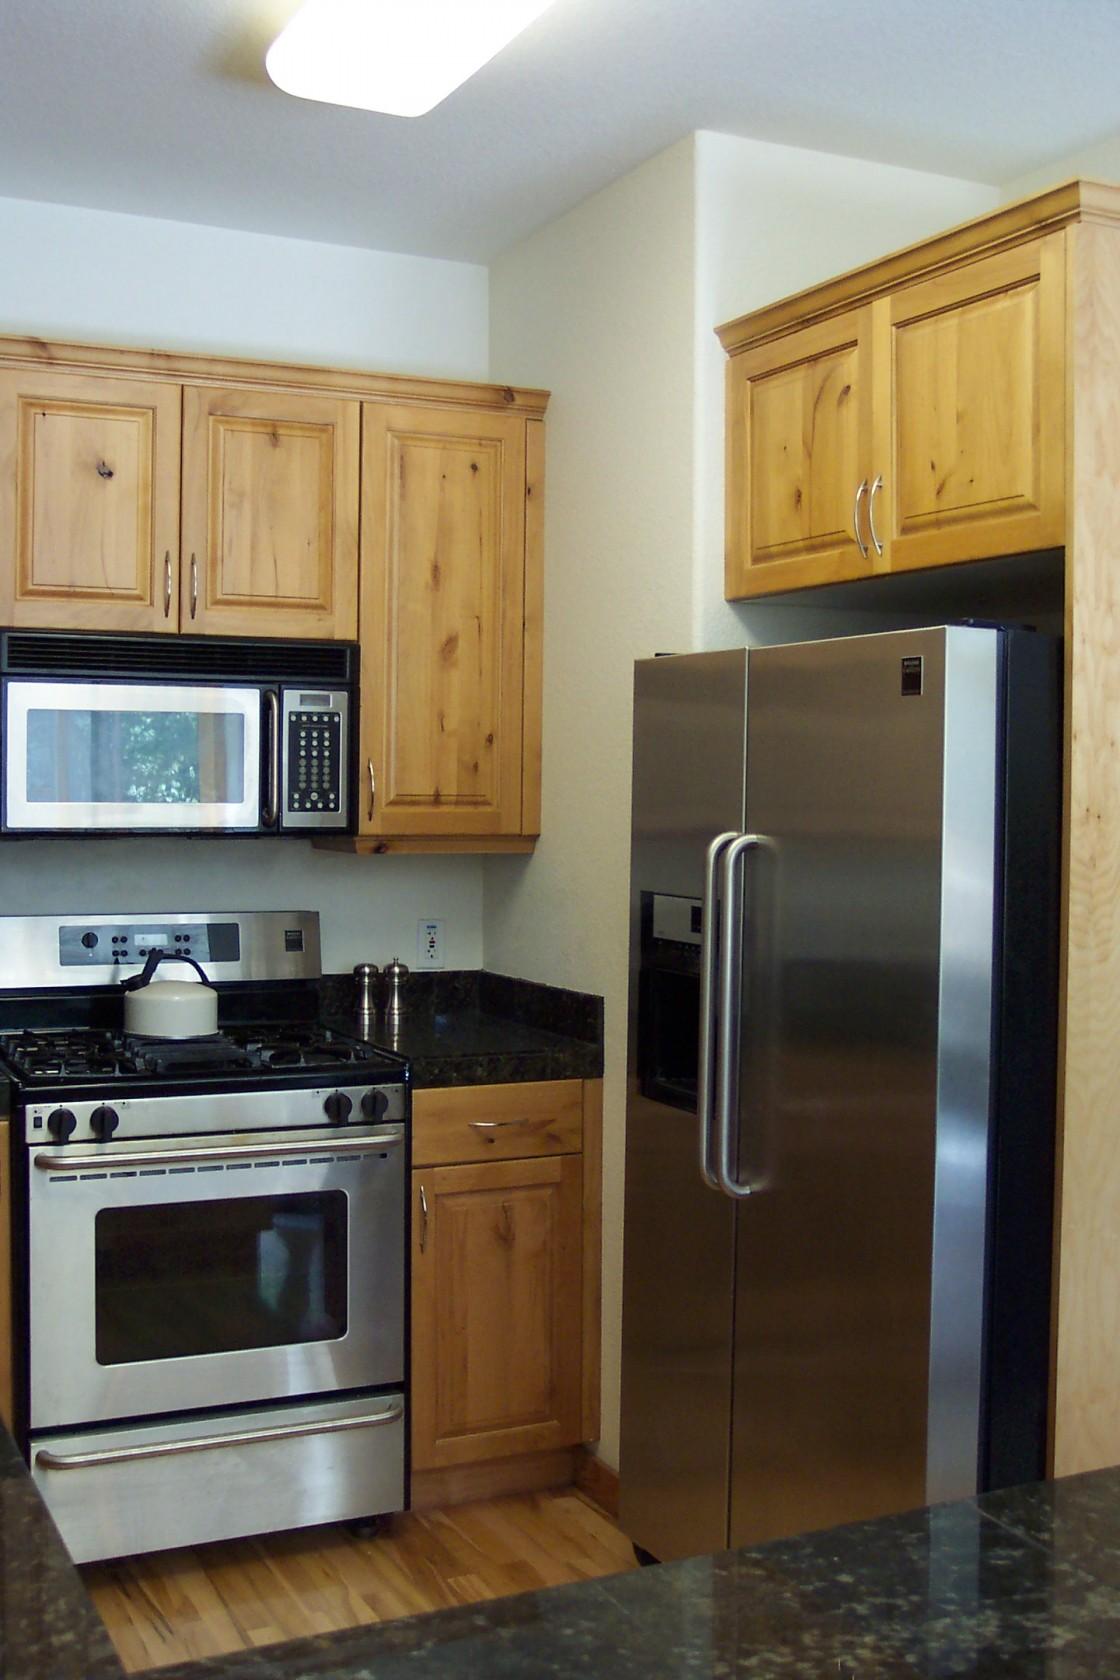 små-køkken-idéer-med-brun-slut-knudret-fyr-køkken-skab-hjælp-granit-bordplade-og-store-rustfrit stål-refrigator-plus-mikrobølge-over-komfur-1120x1680